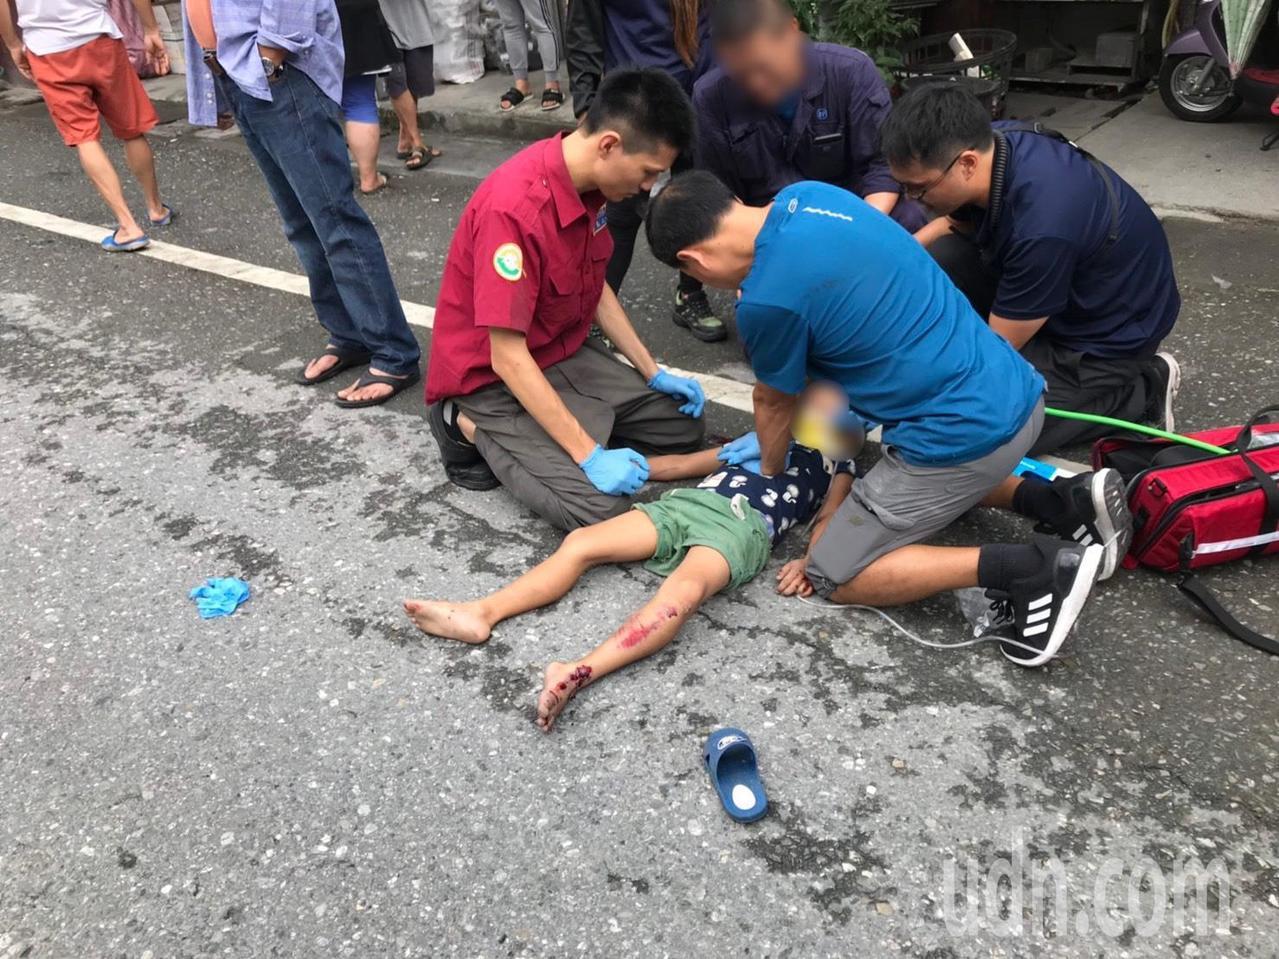 小一何姓男童遭重機撞上,當場失去生命跡象,經送醫搶救恢復心跳。記者王燕華/翻攝